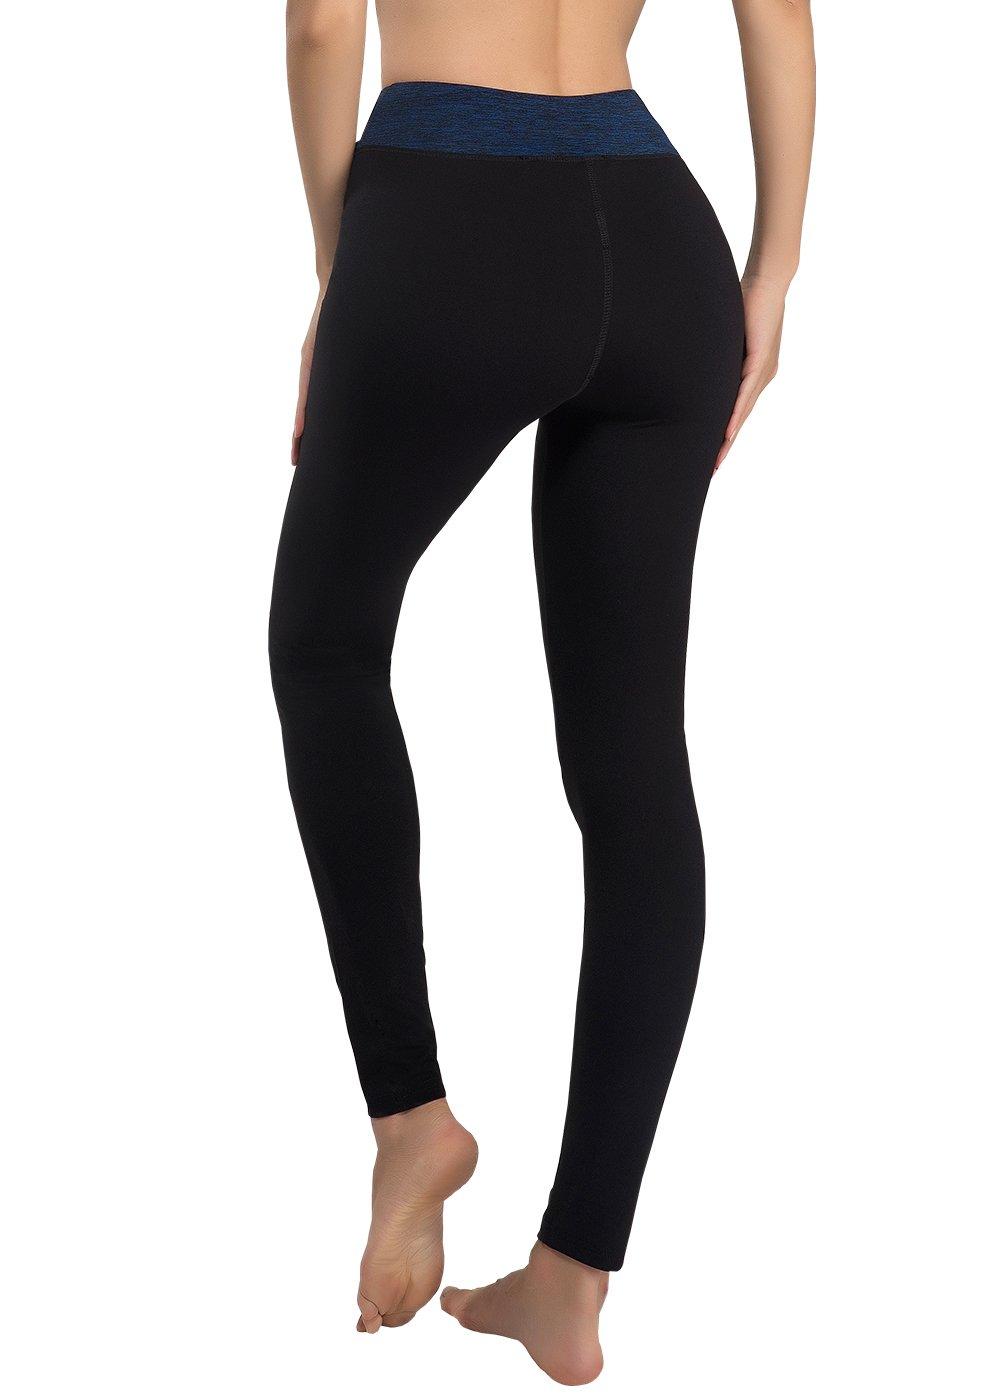 309ad6a9e38c VANIS Mallas Deportivas Mujer Yoga Leggings Pantalon Elastico Cintura  Altura Polainas para Running Gym Pilates Fitness